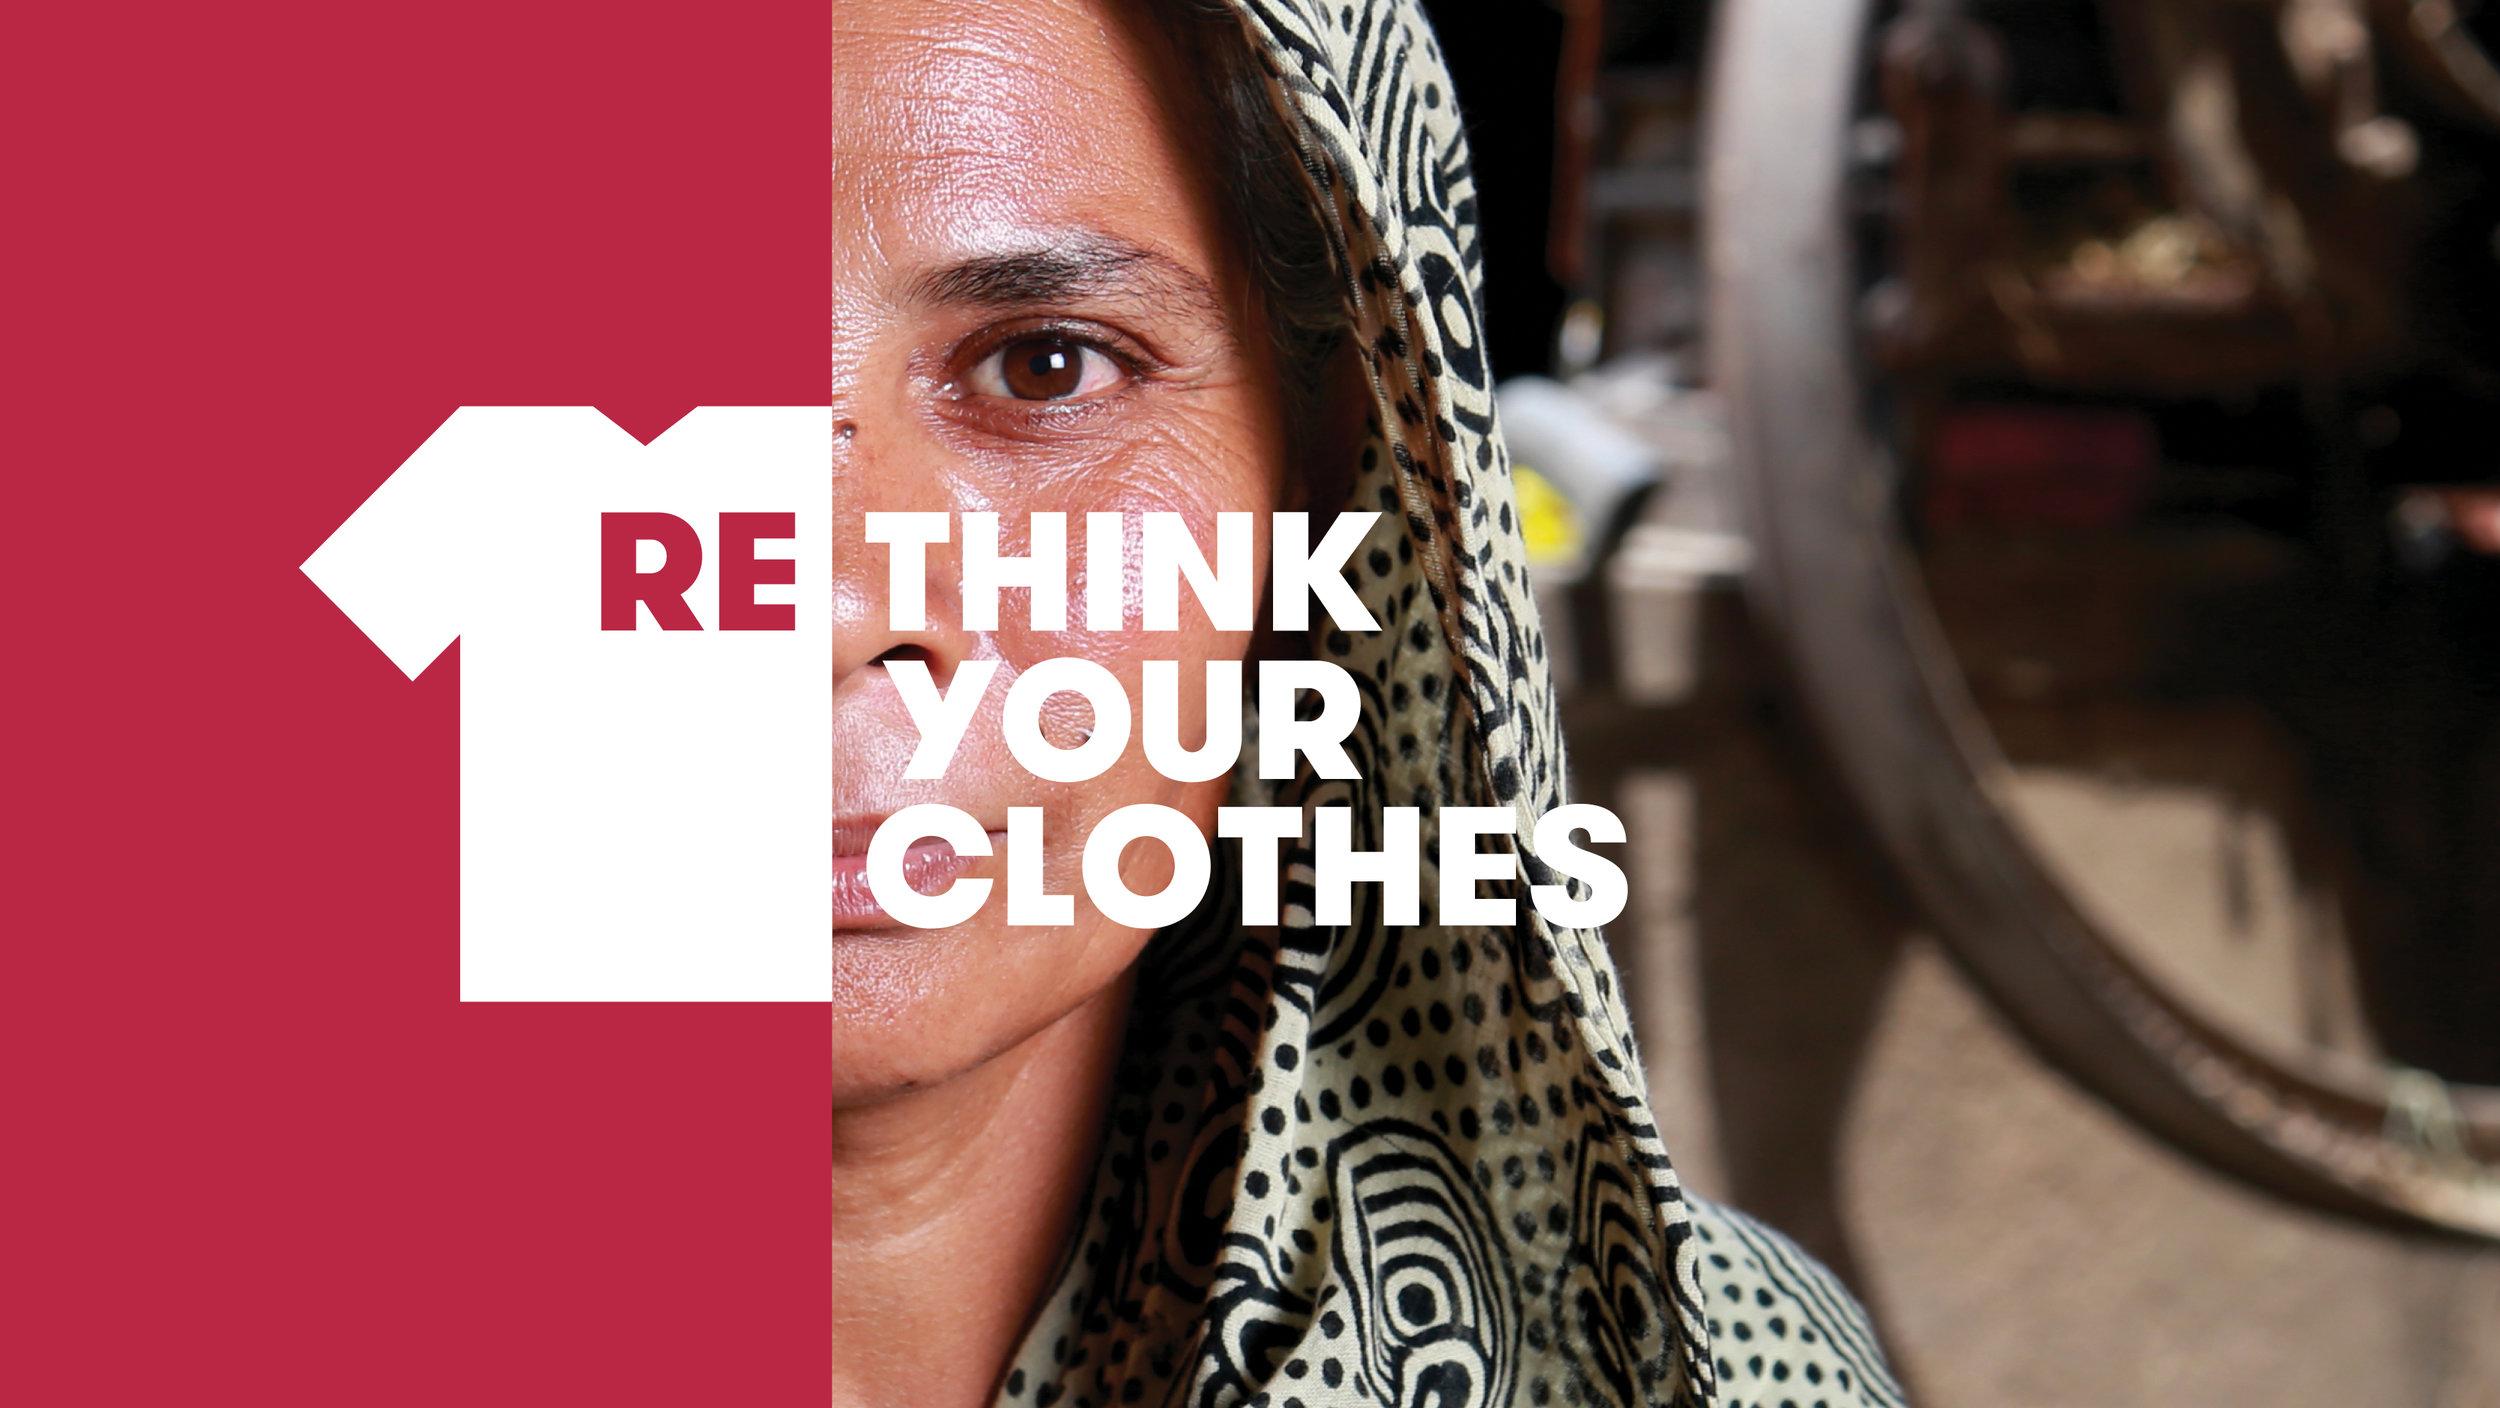 2018012678_Fairtrade_Ethique sur Etiquette_facebook_2.jpg